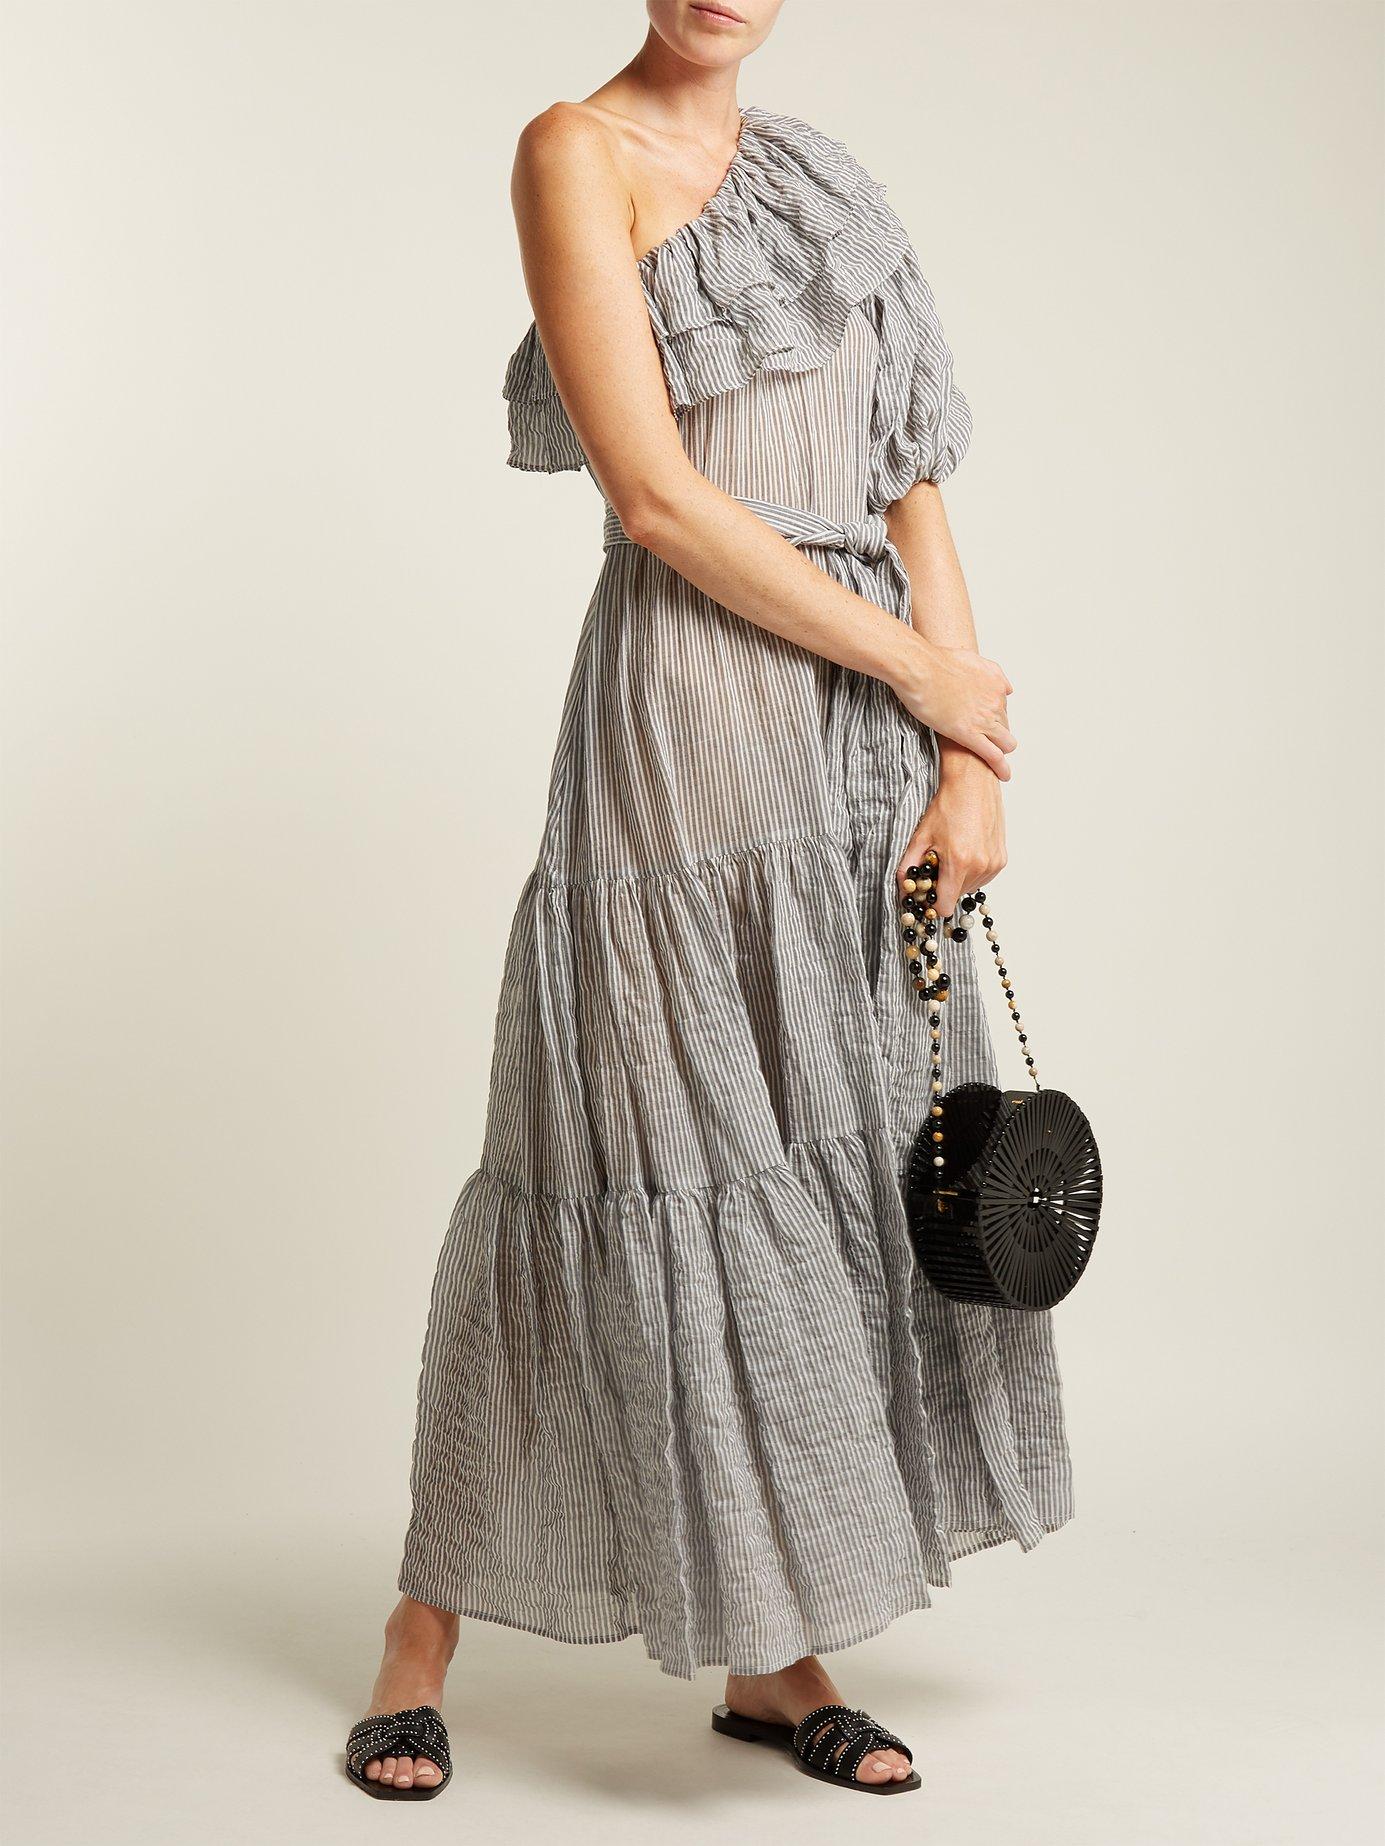 Arden ruffle-trim cotton-blend dress by Lisa Marie Fernandez